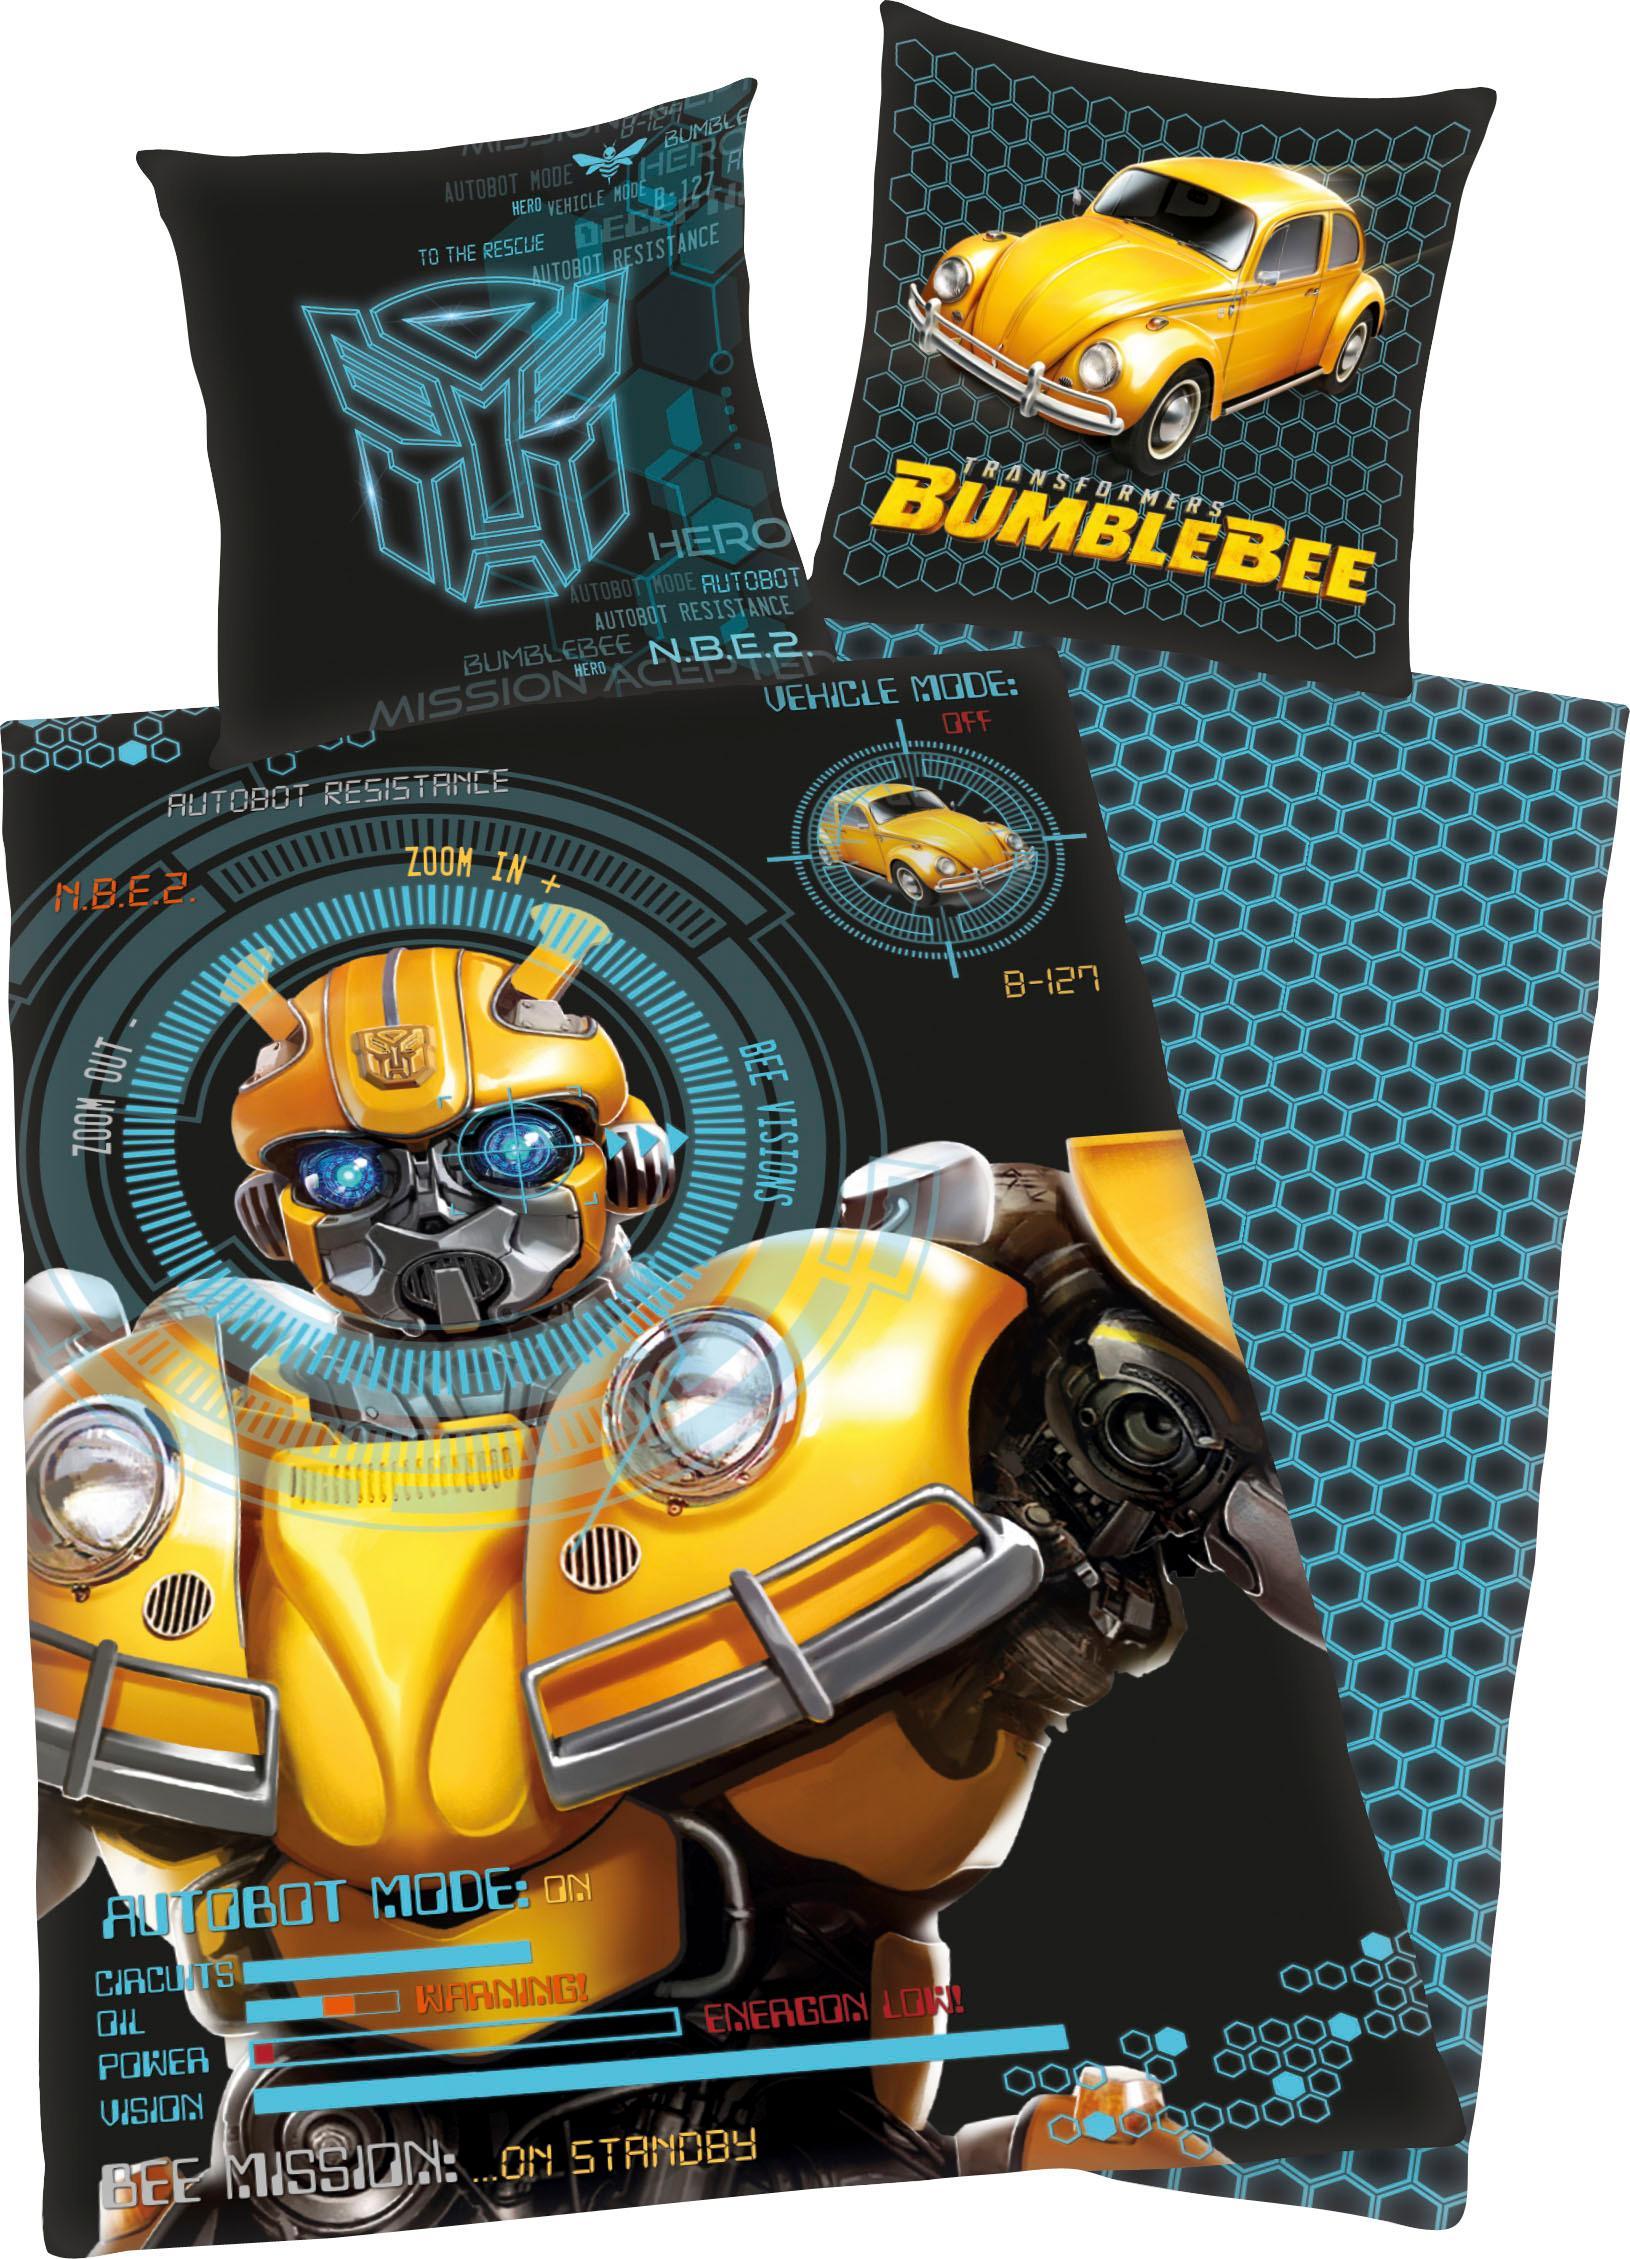 Kinderbettwäsche Bumblebee Transformers | Kinderzimmer > Textilien für Kinder > Kinderbettwäsche | Schwarz | Baumwolle | Transformers